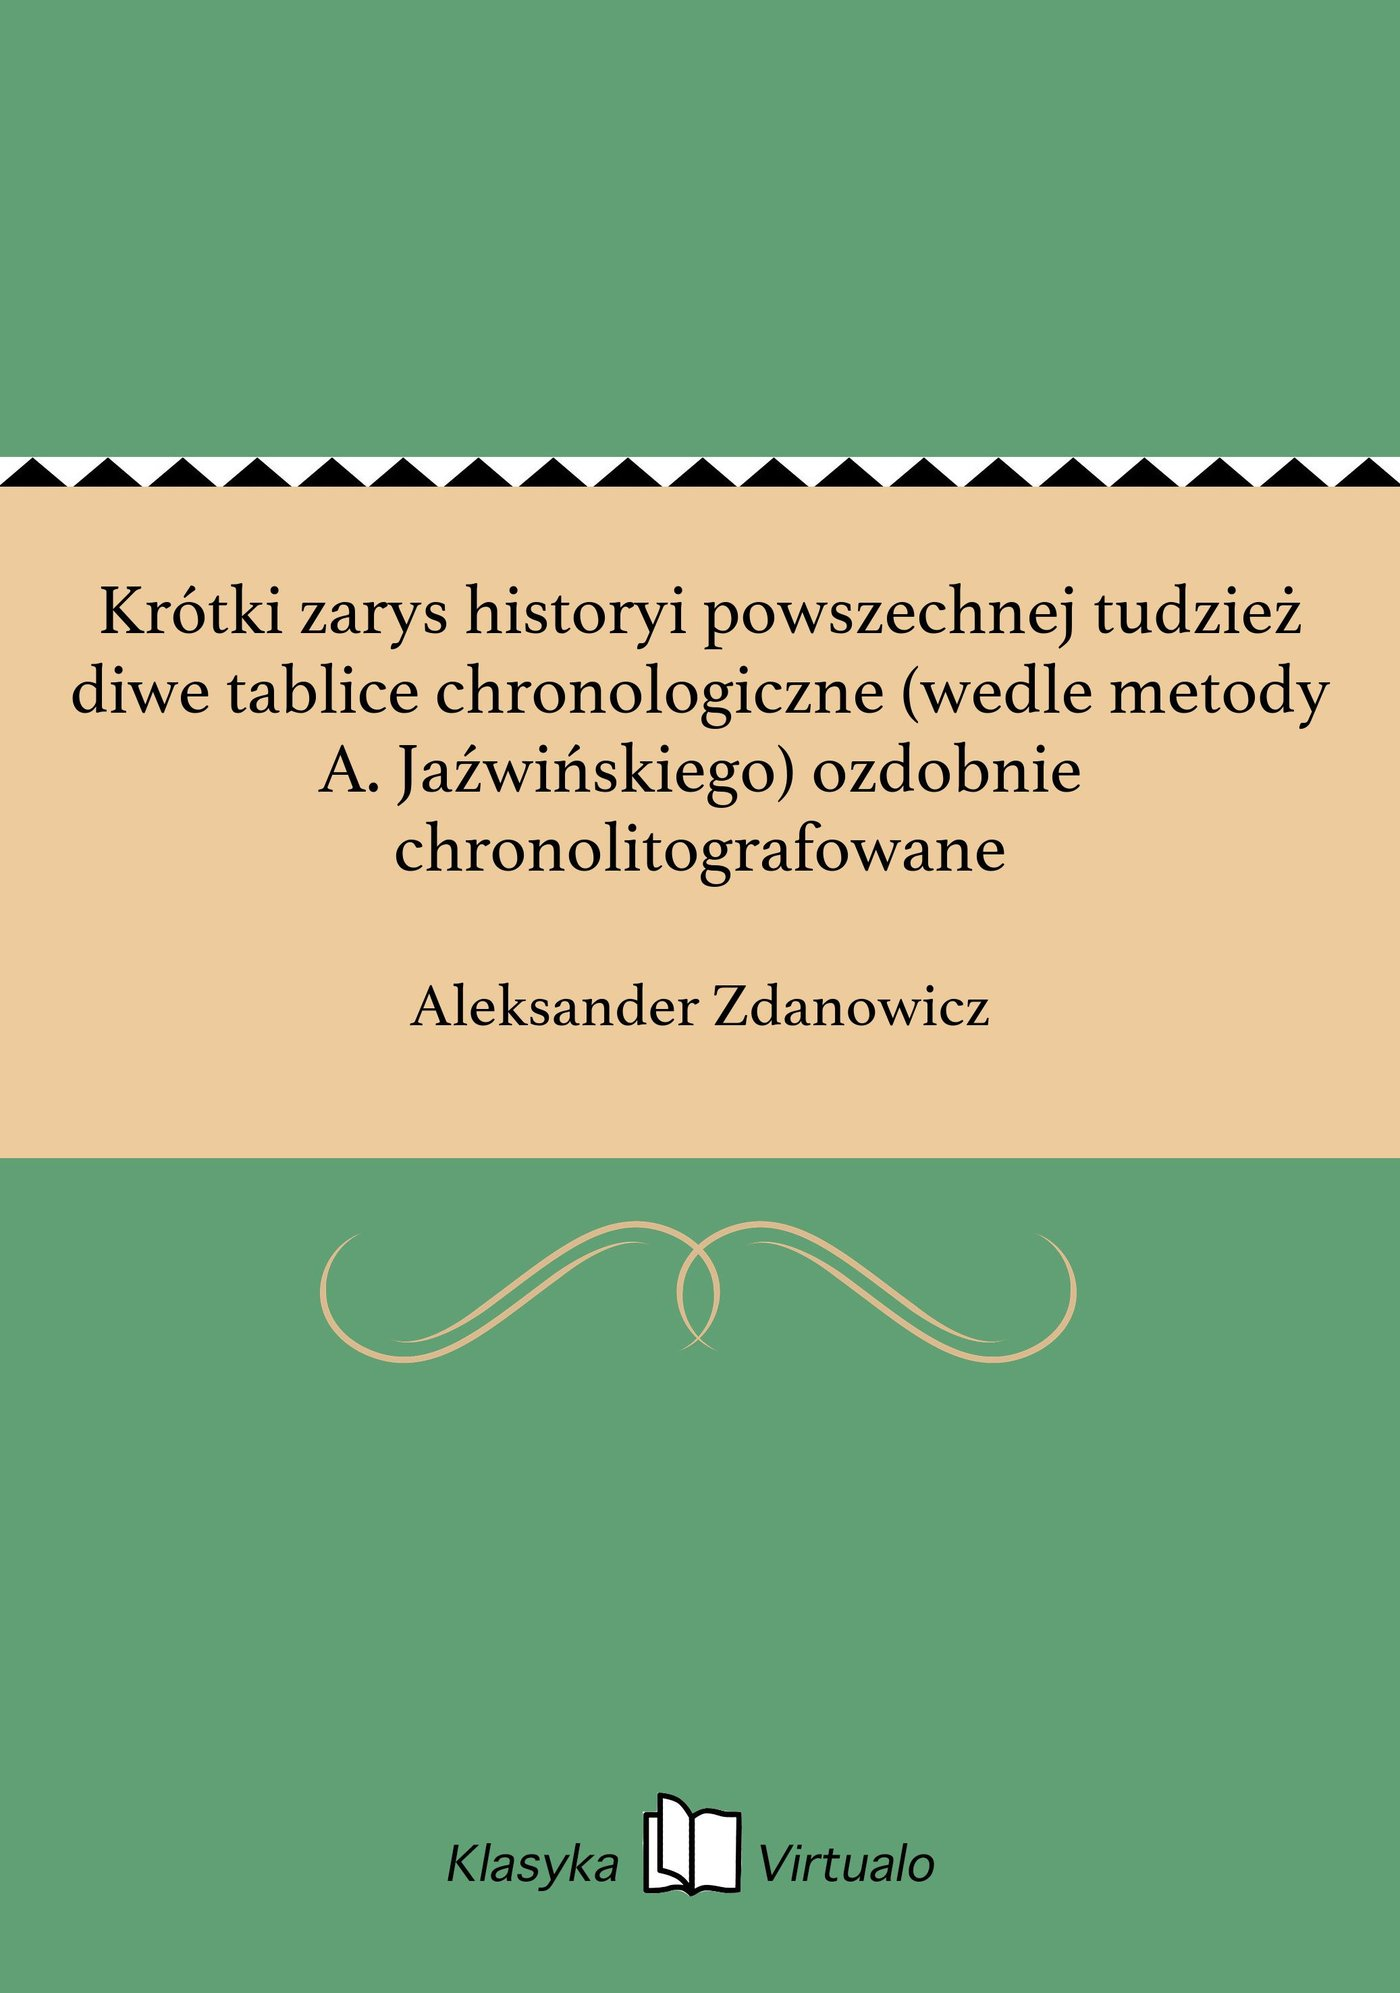 Krótki zarys historyi powszechnej tudzież diwe tablice chronologiczne (wedle metody A. Jaźwińskiego) ozdobnie chronolitografowane - Ebook (Książka EPUB) do pobrania w formacie EPUB